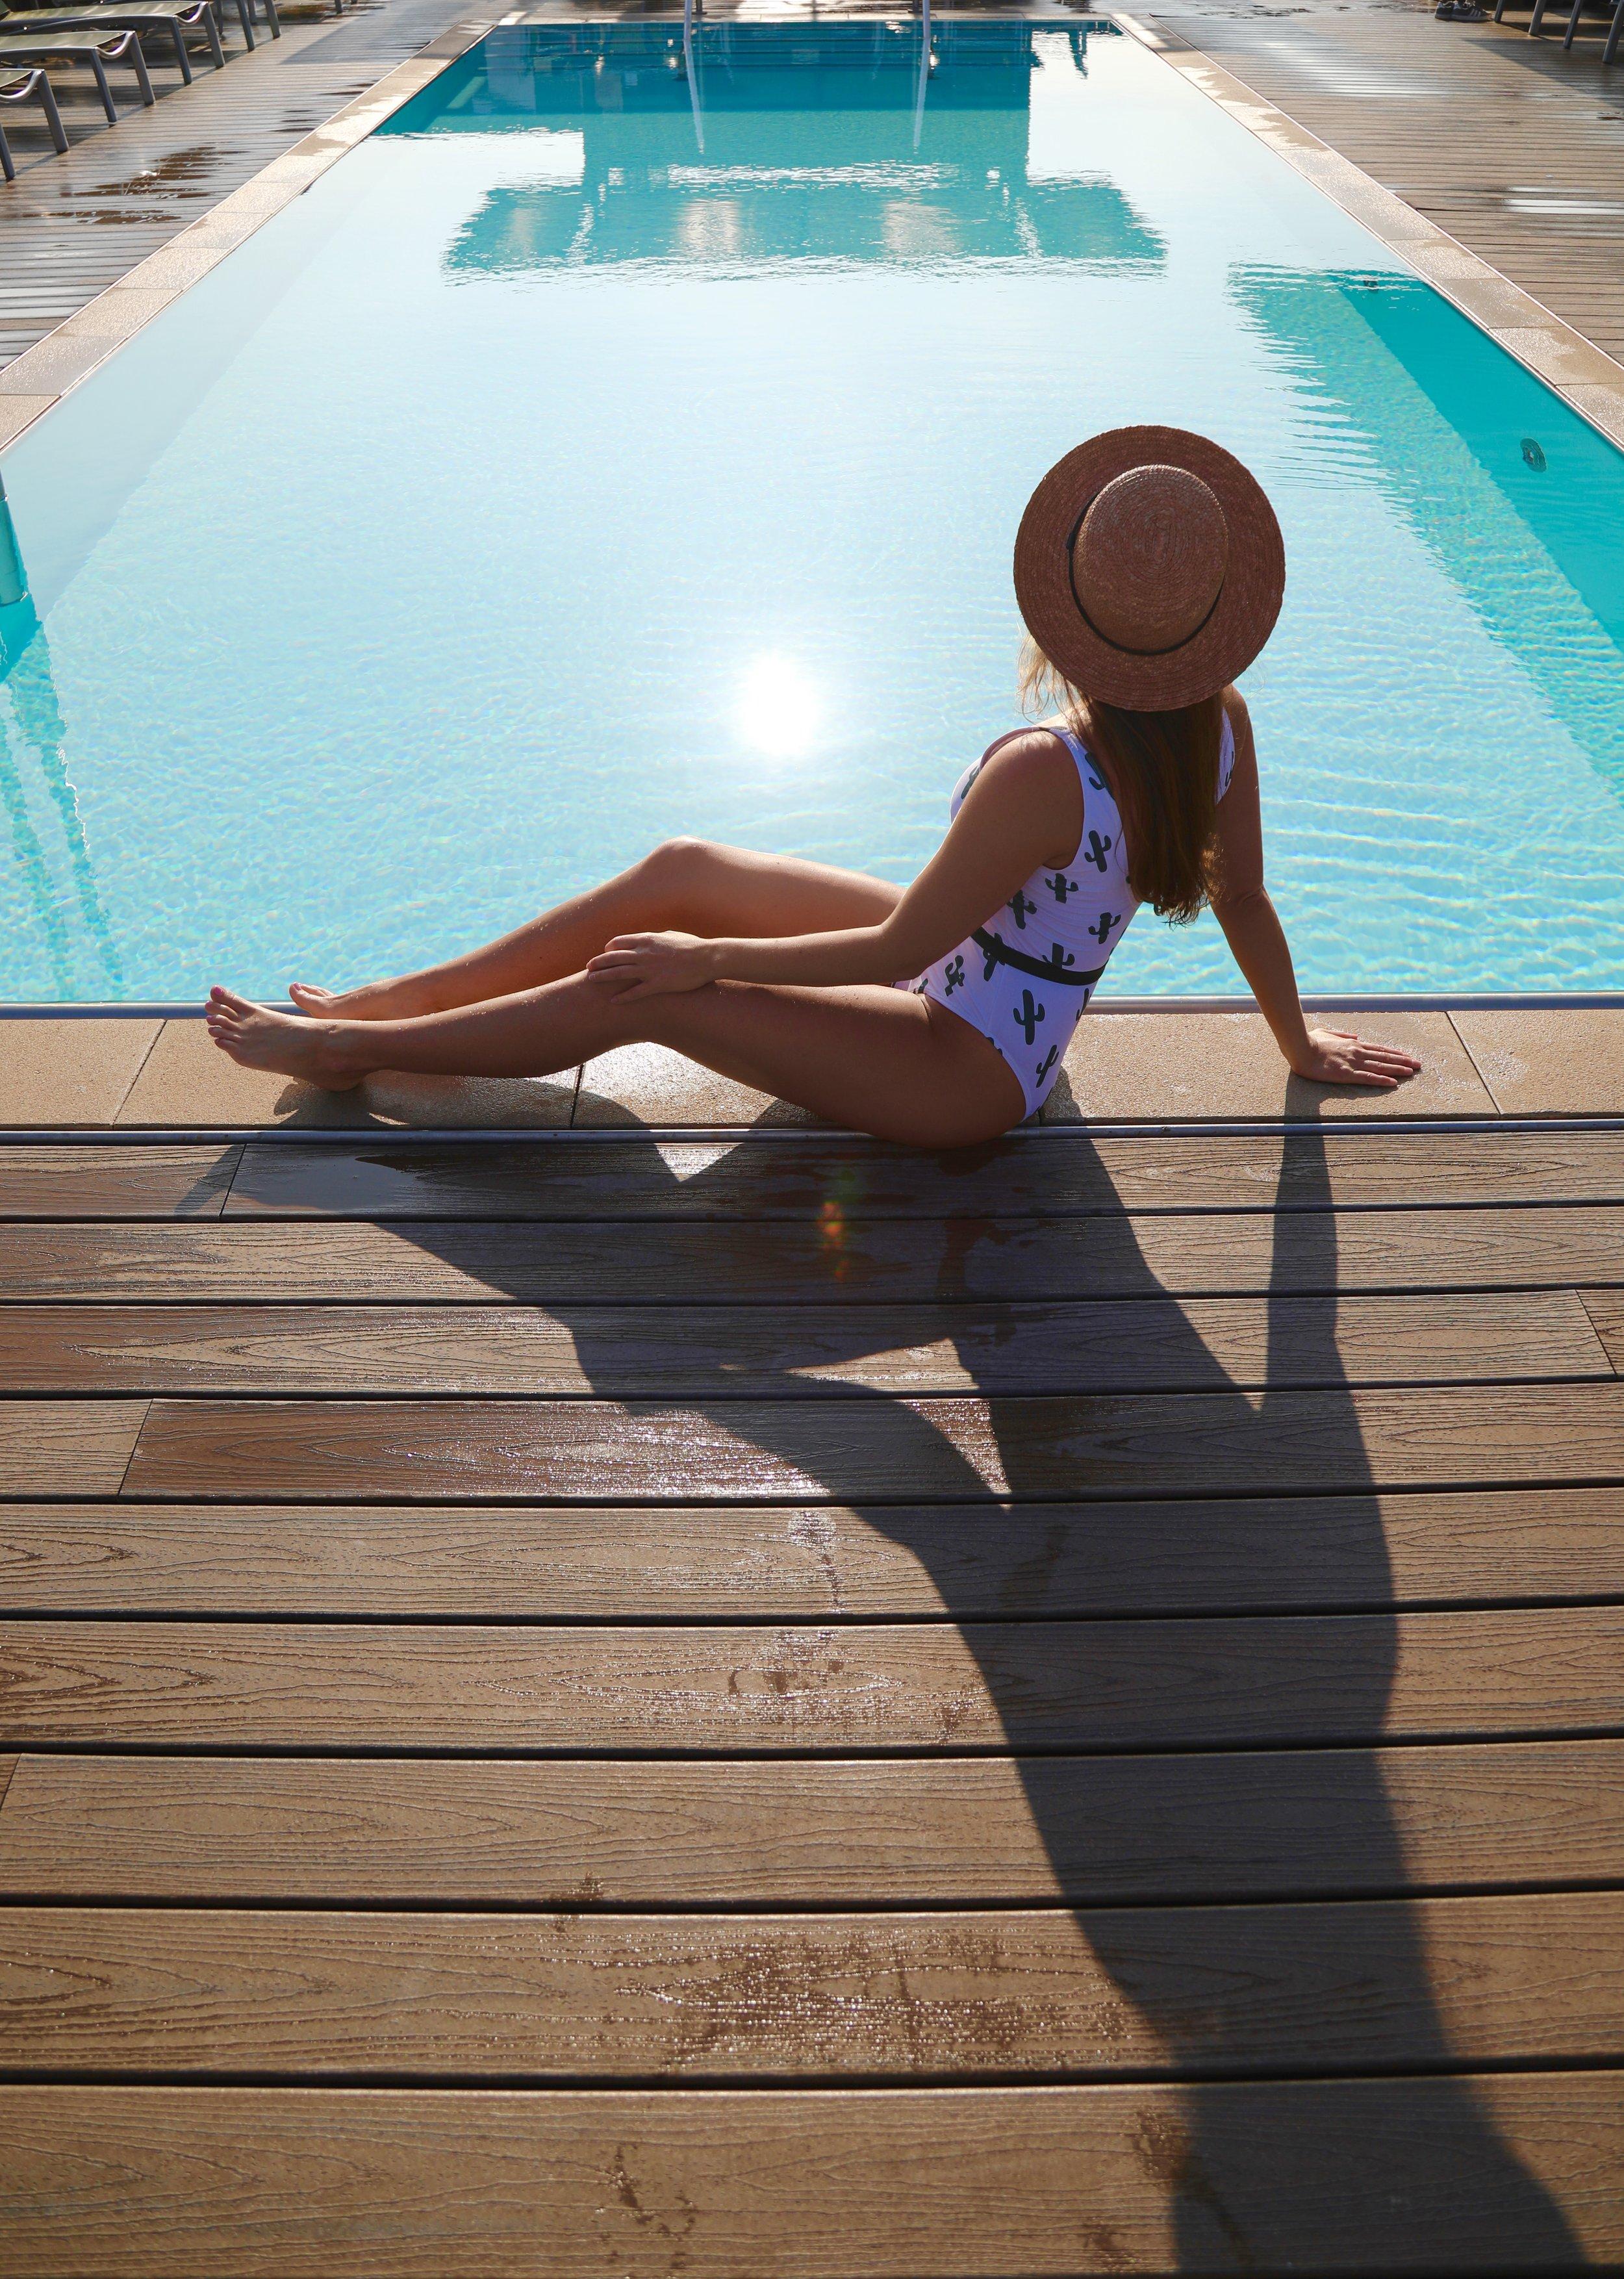 hyatt regency san antonio pool